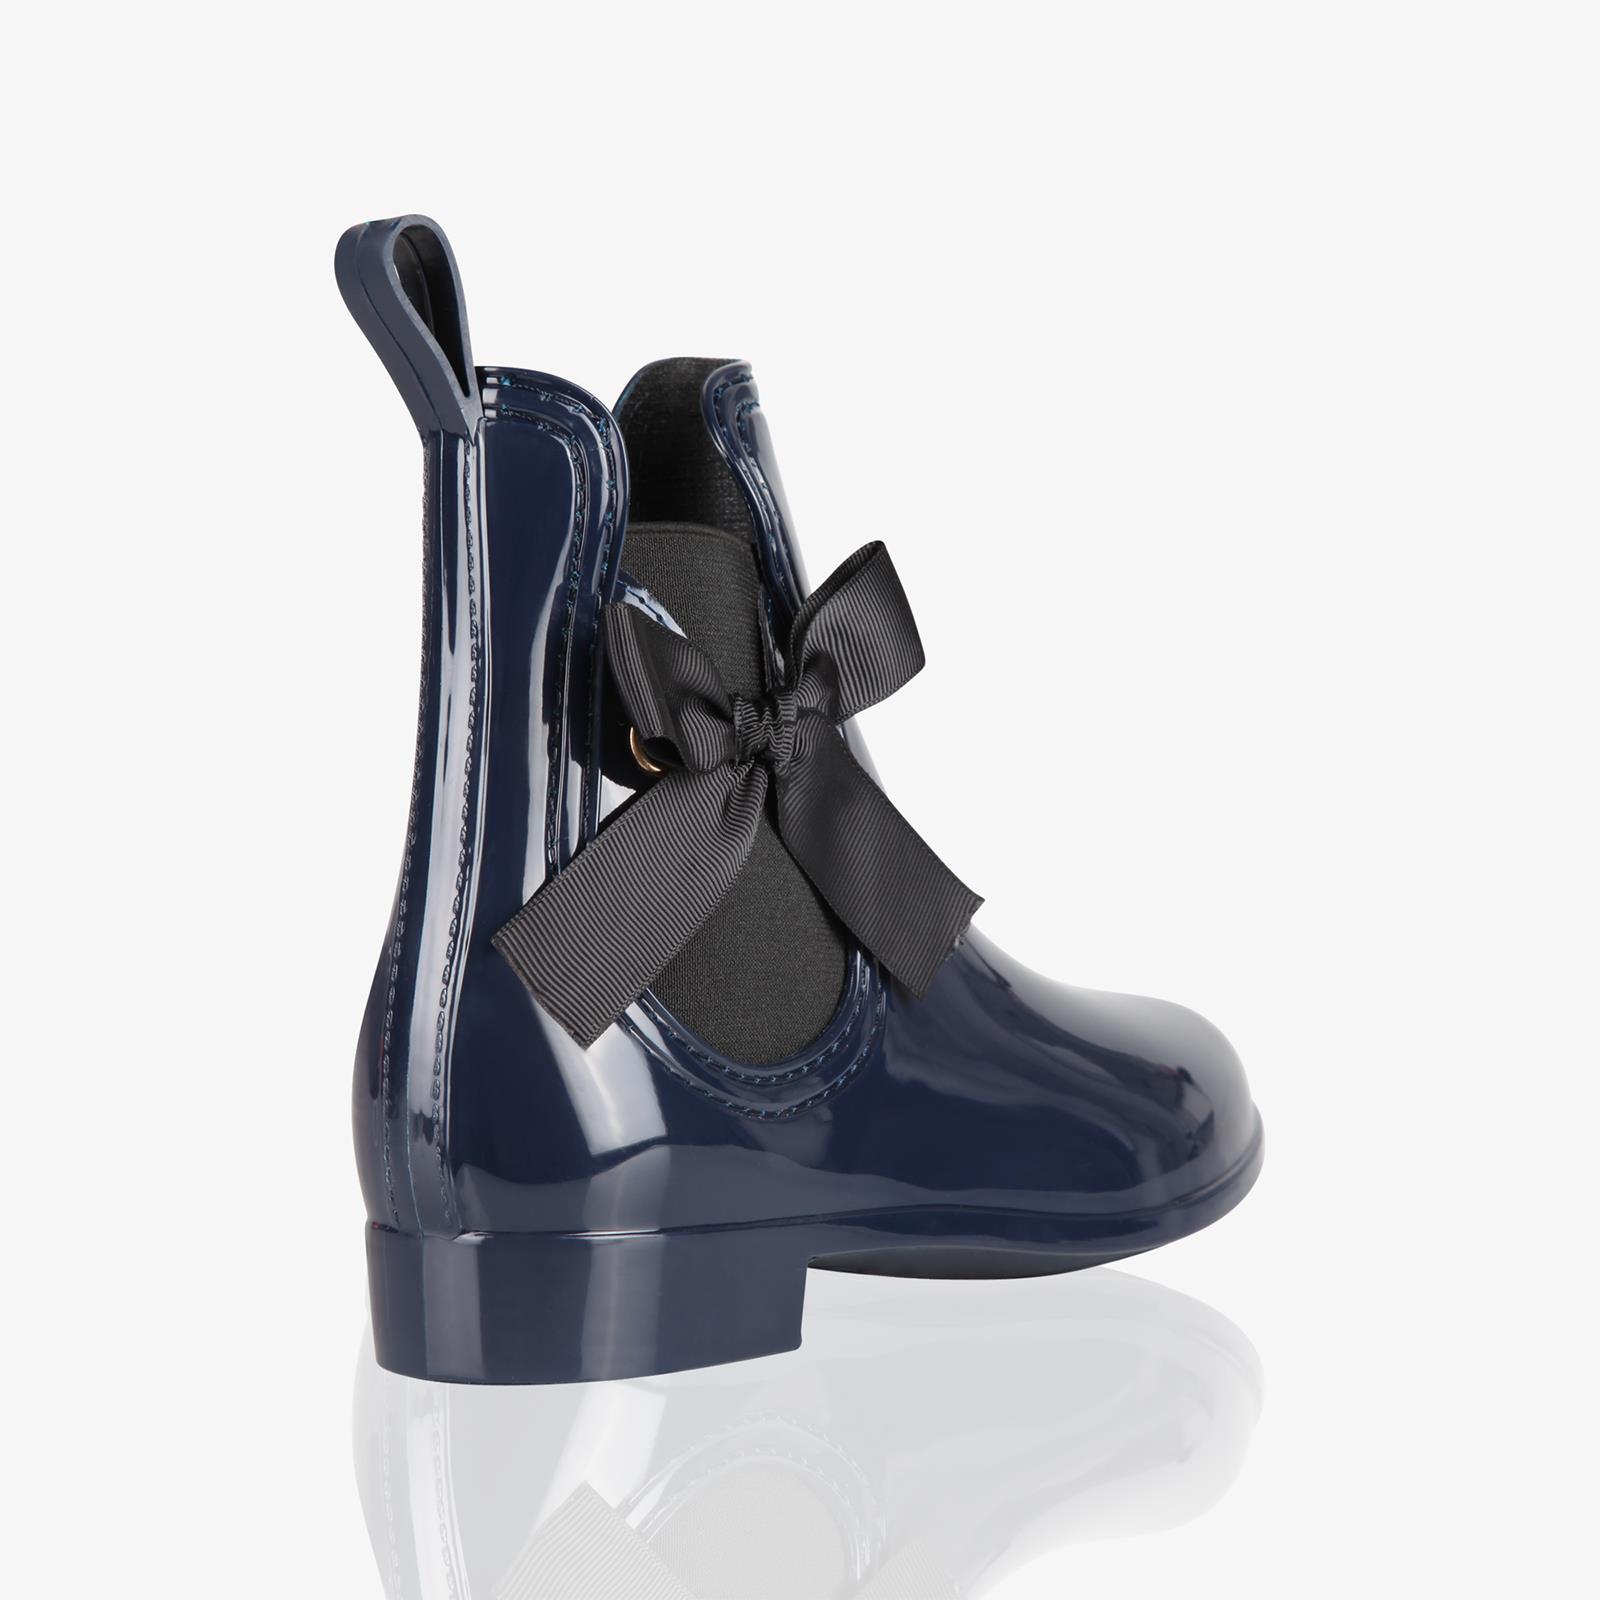 Botas-Agua-Mujer-Barata-Original-Botines-Moda-Comodas-Calzado-Elastico-Juveniles miniatura 4